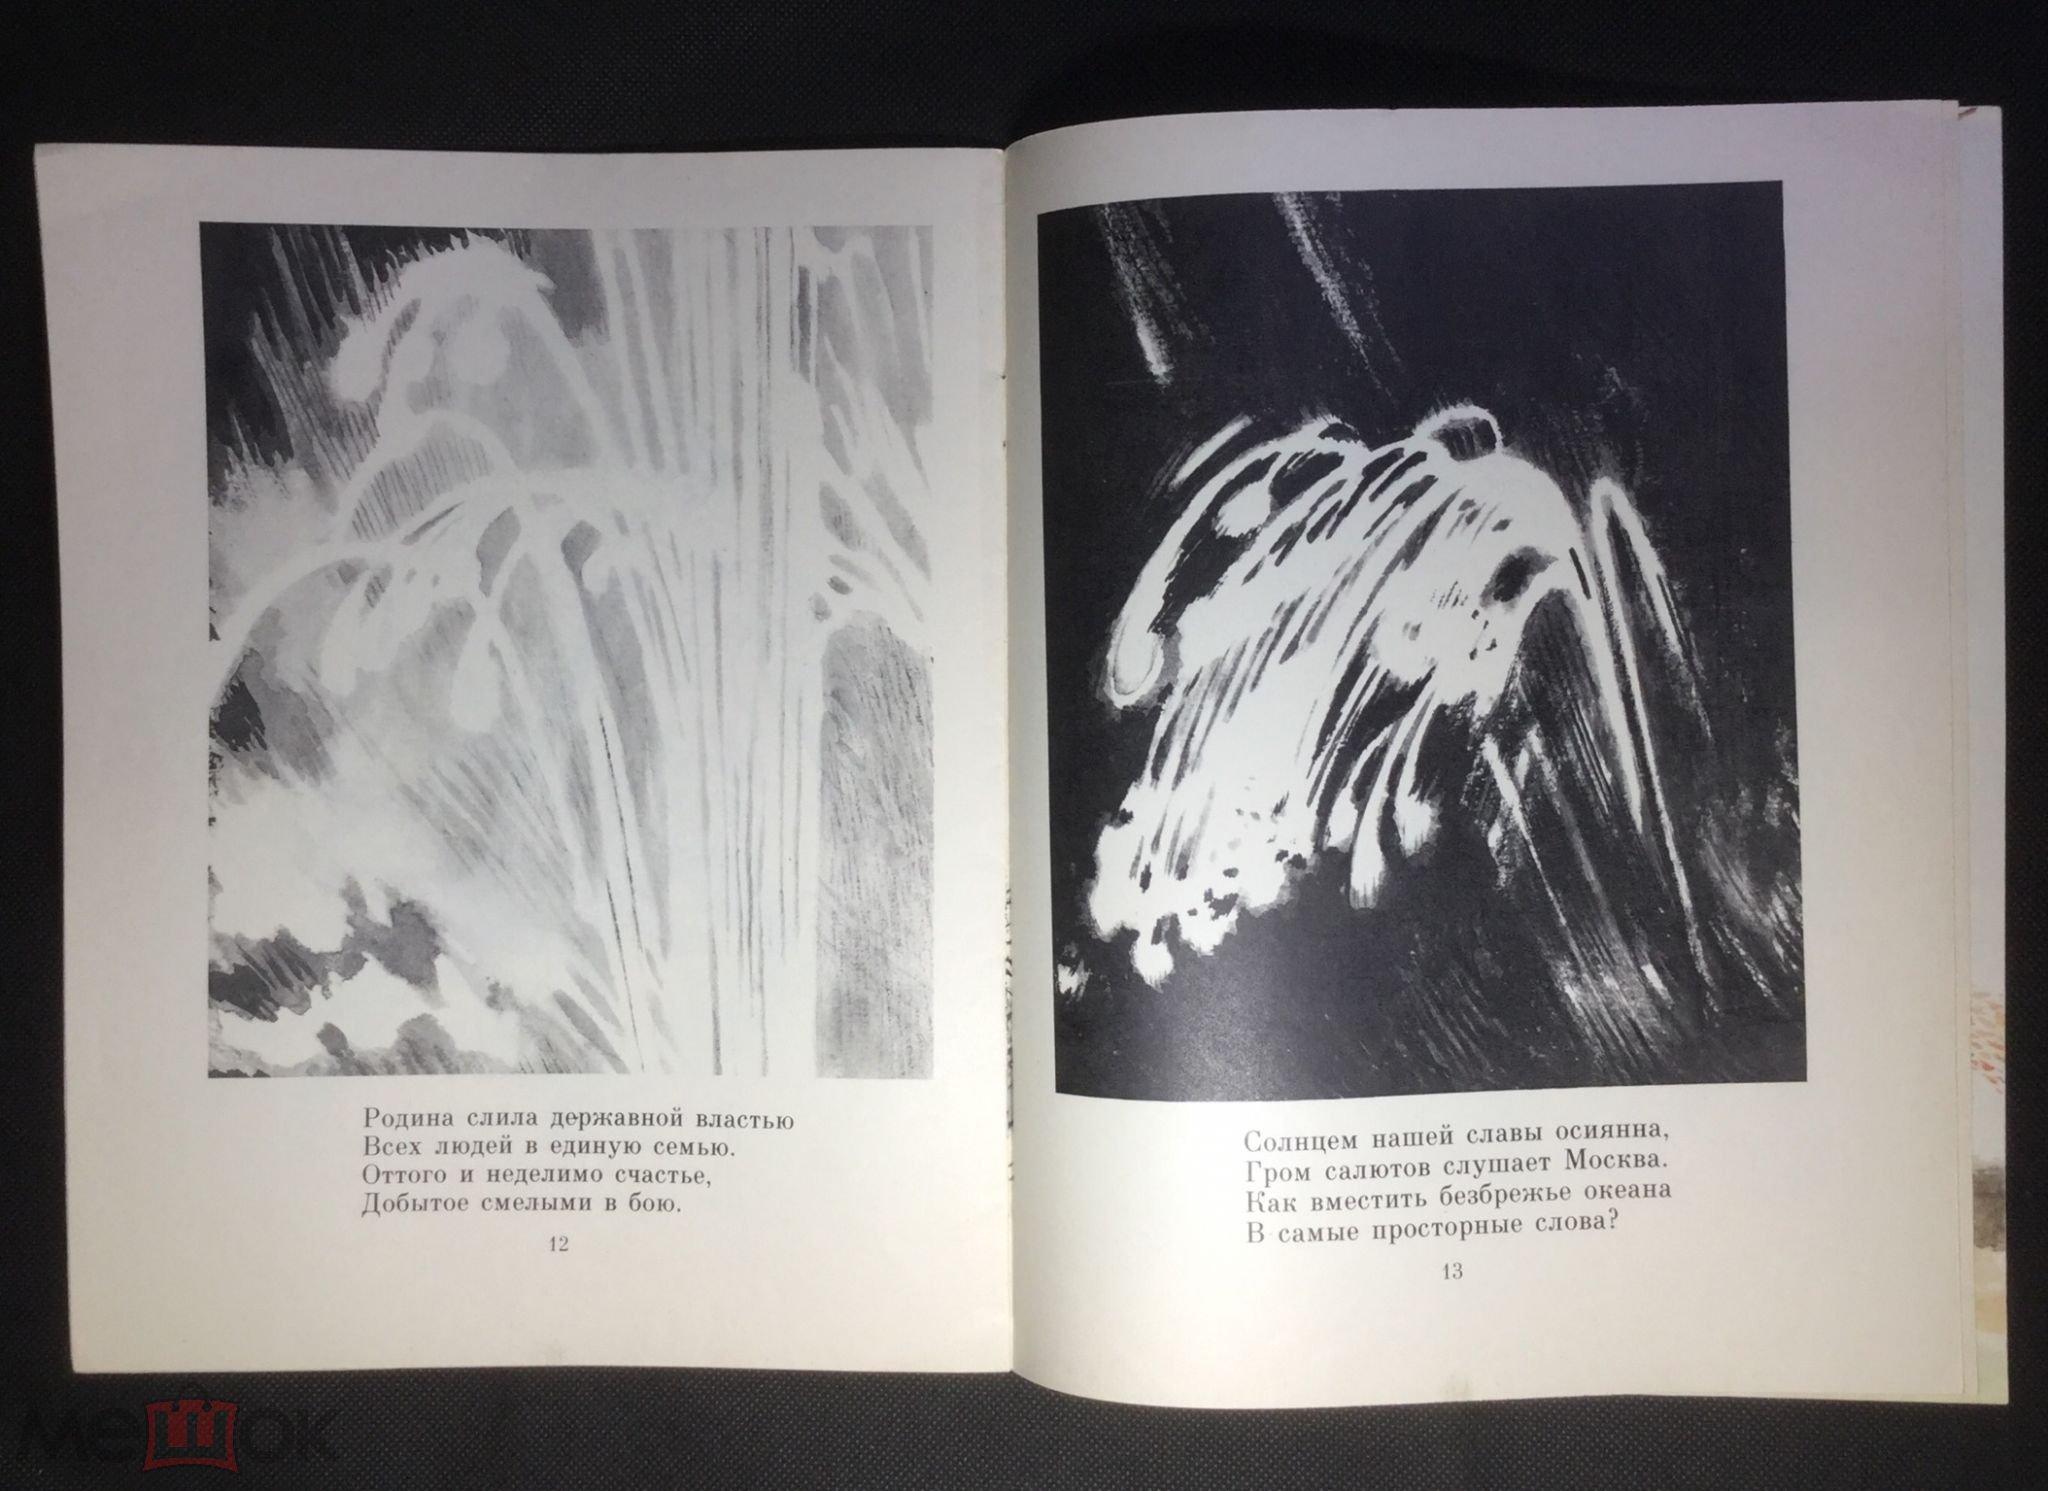 Книга А.Сурков. Песня смелых. Стихи. 1979 г. Рисунки И.Година